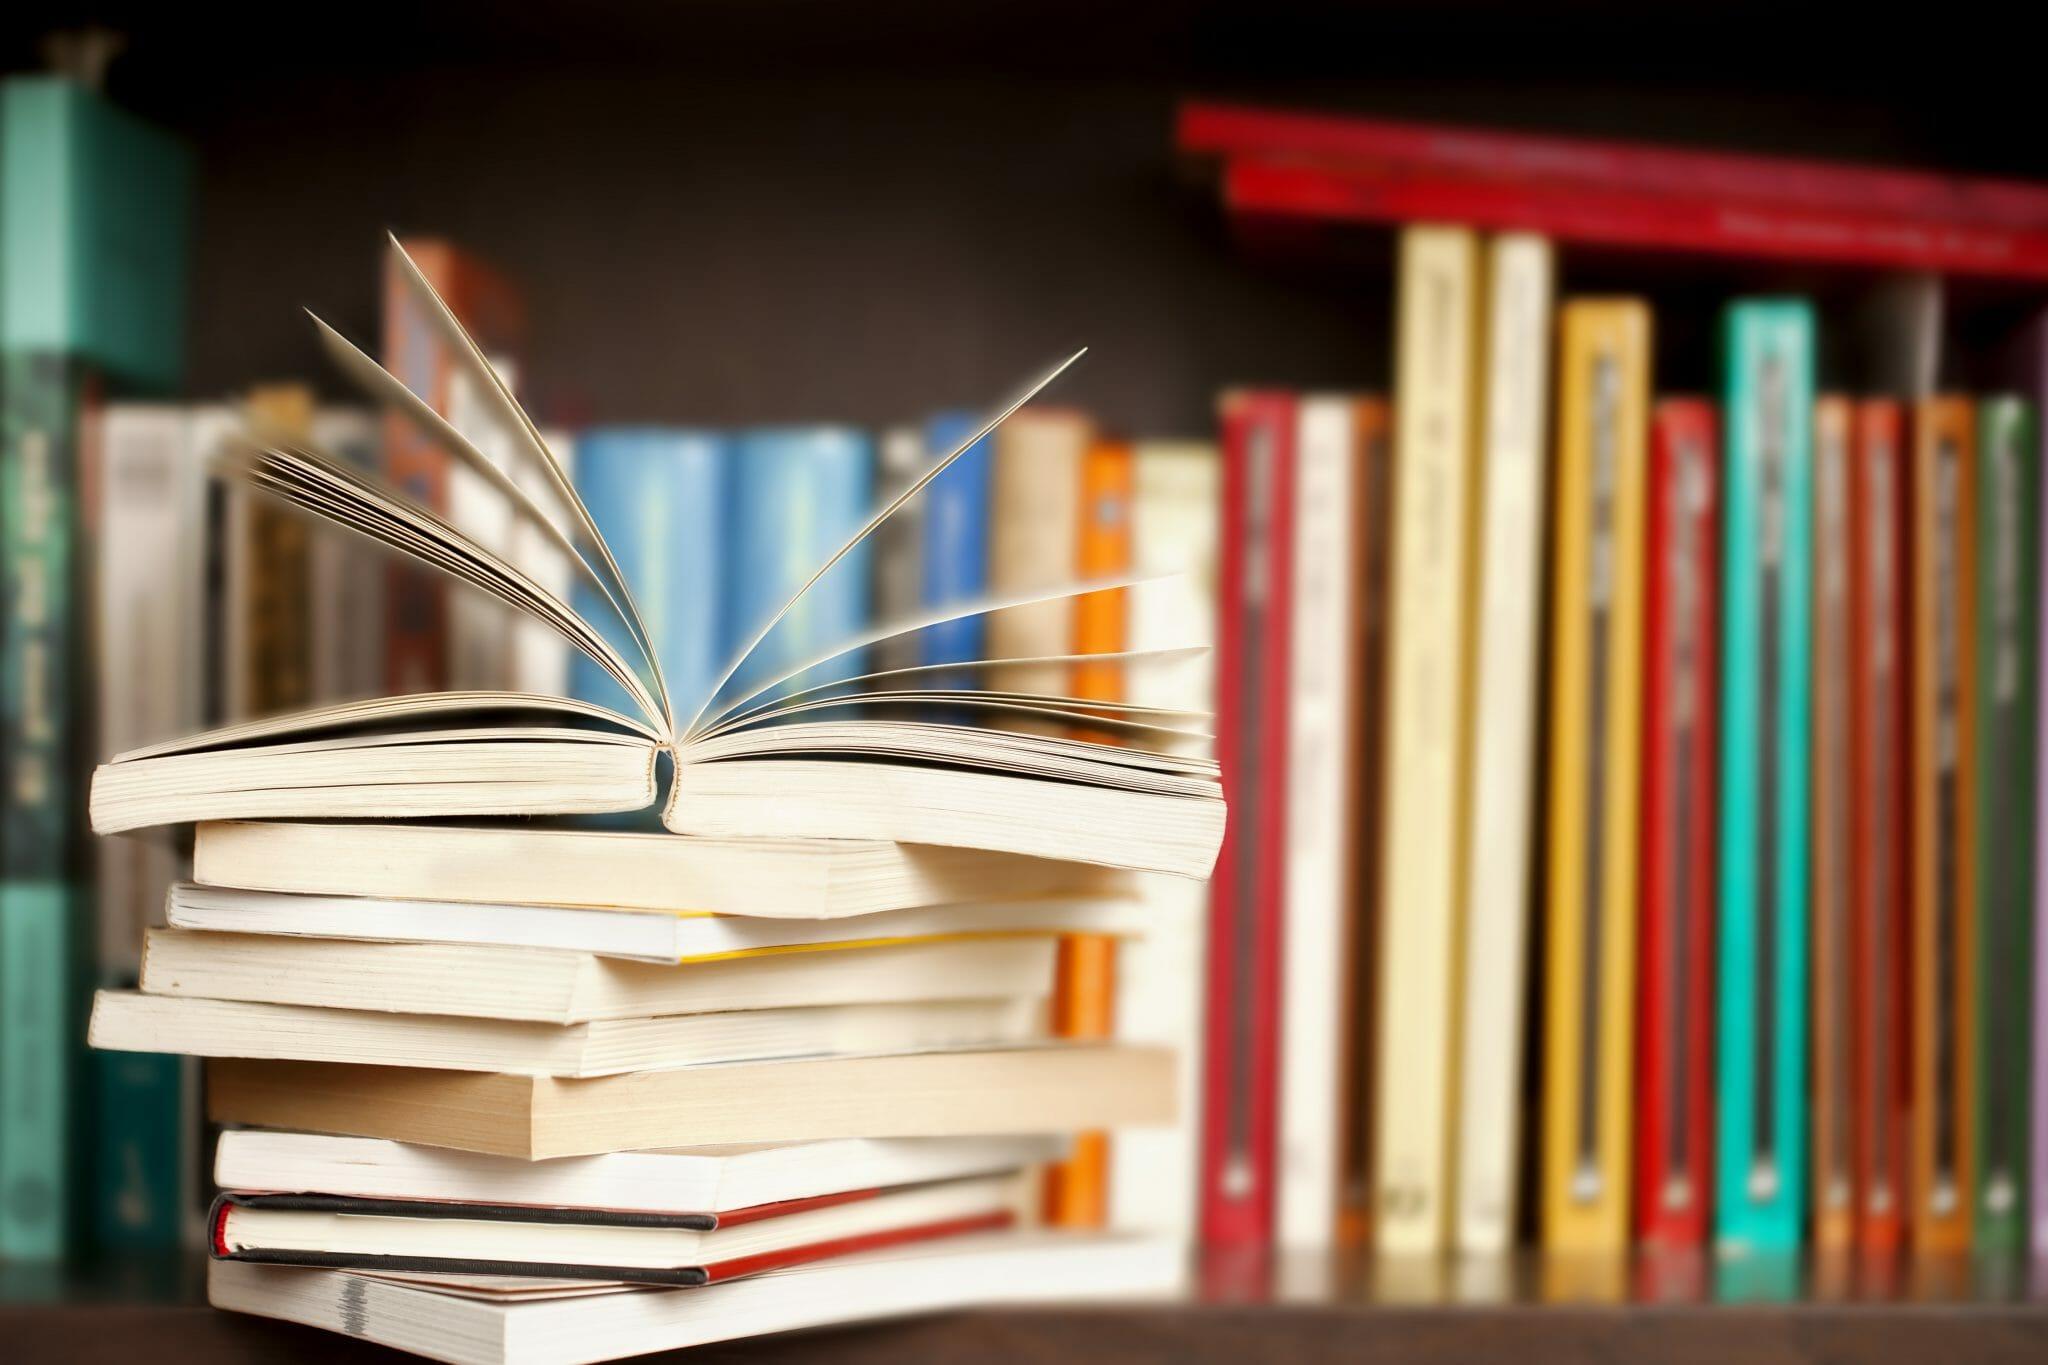 libri, lettura, libreria, volumi, pila di libri